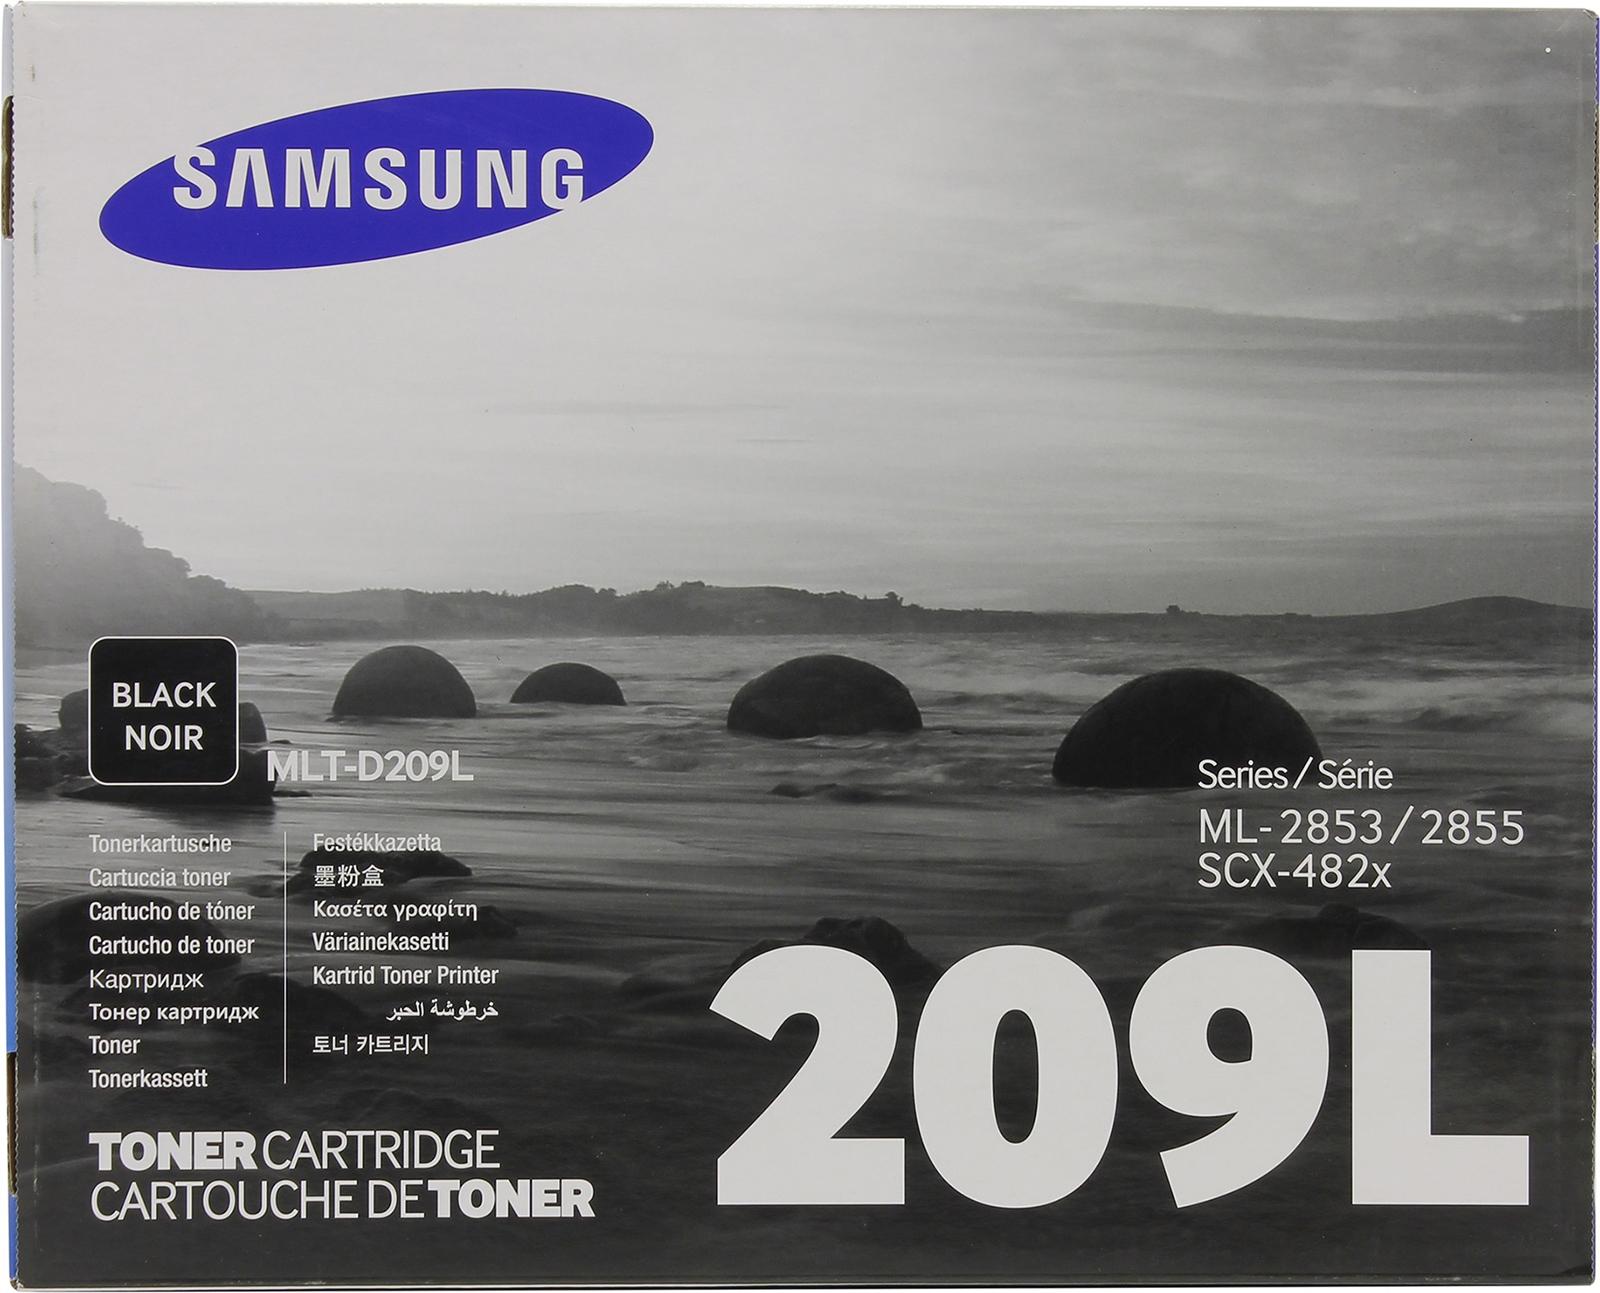 Картридж Samsung MLT-D209L, черный, для лазерного принтера, оригинал картридж sakura mltd209l для samsung ml 2855nd scx 4824fn 4828fn